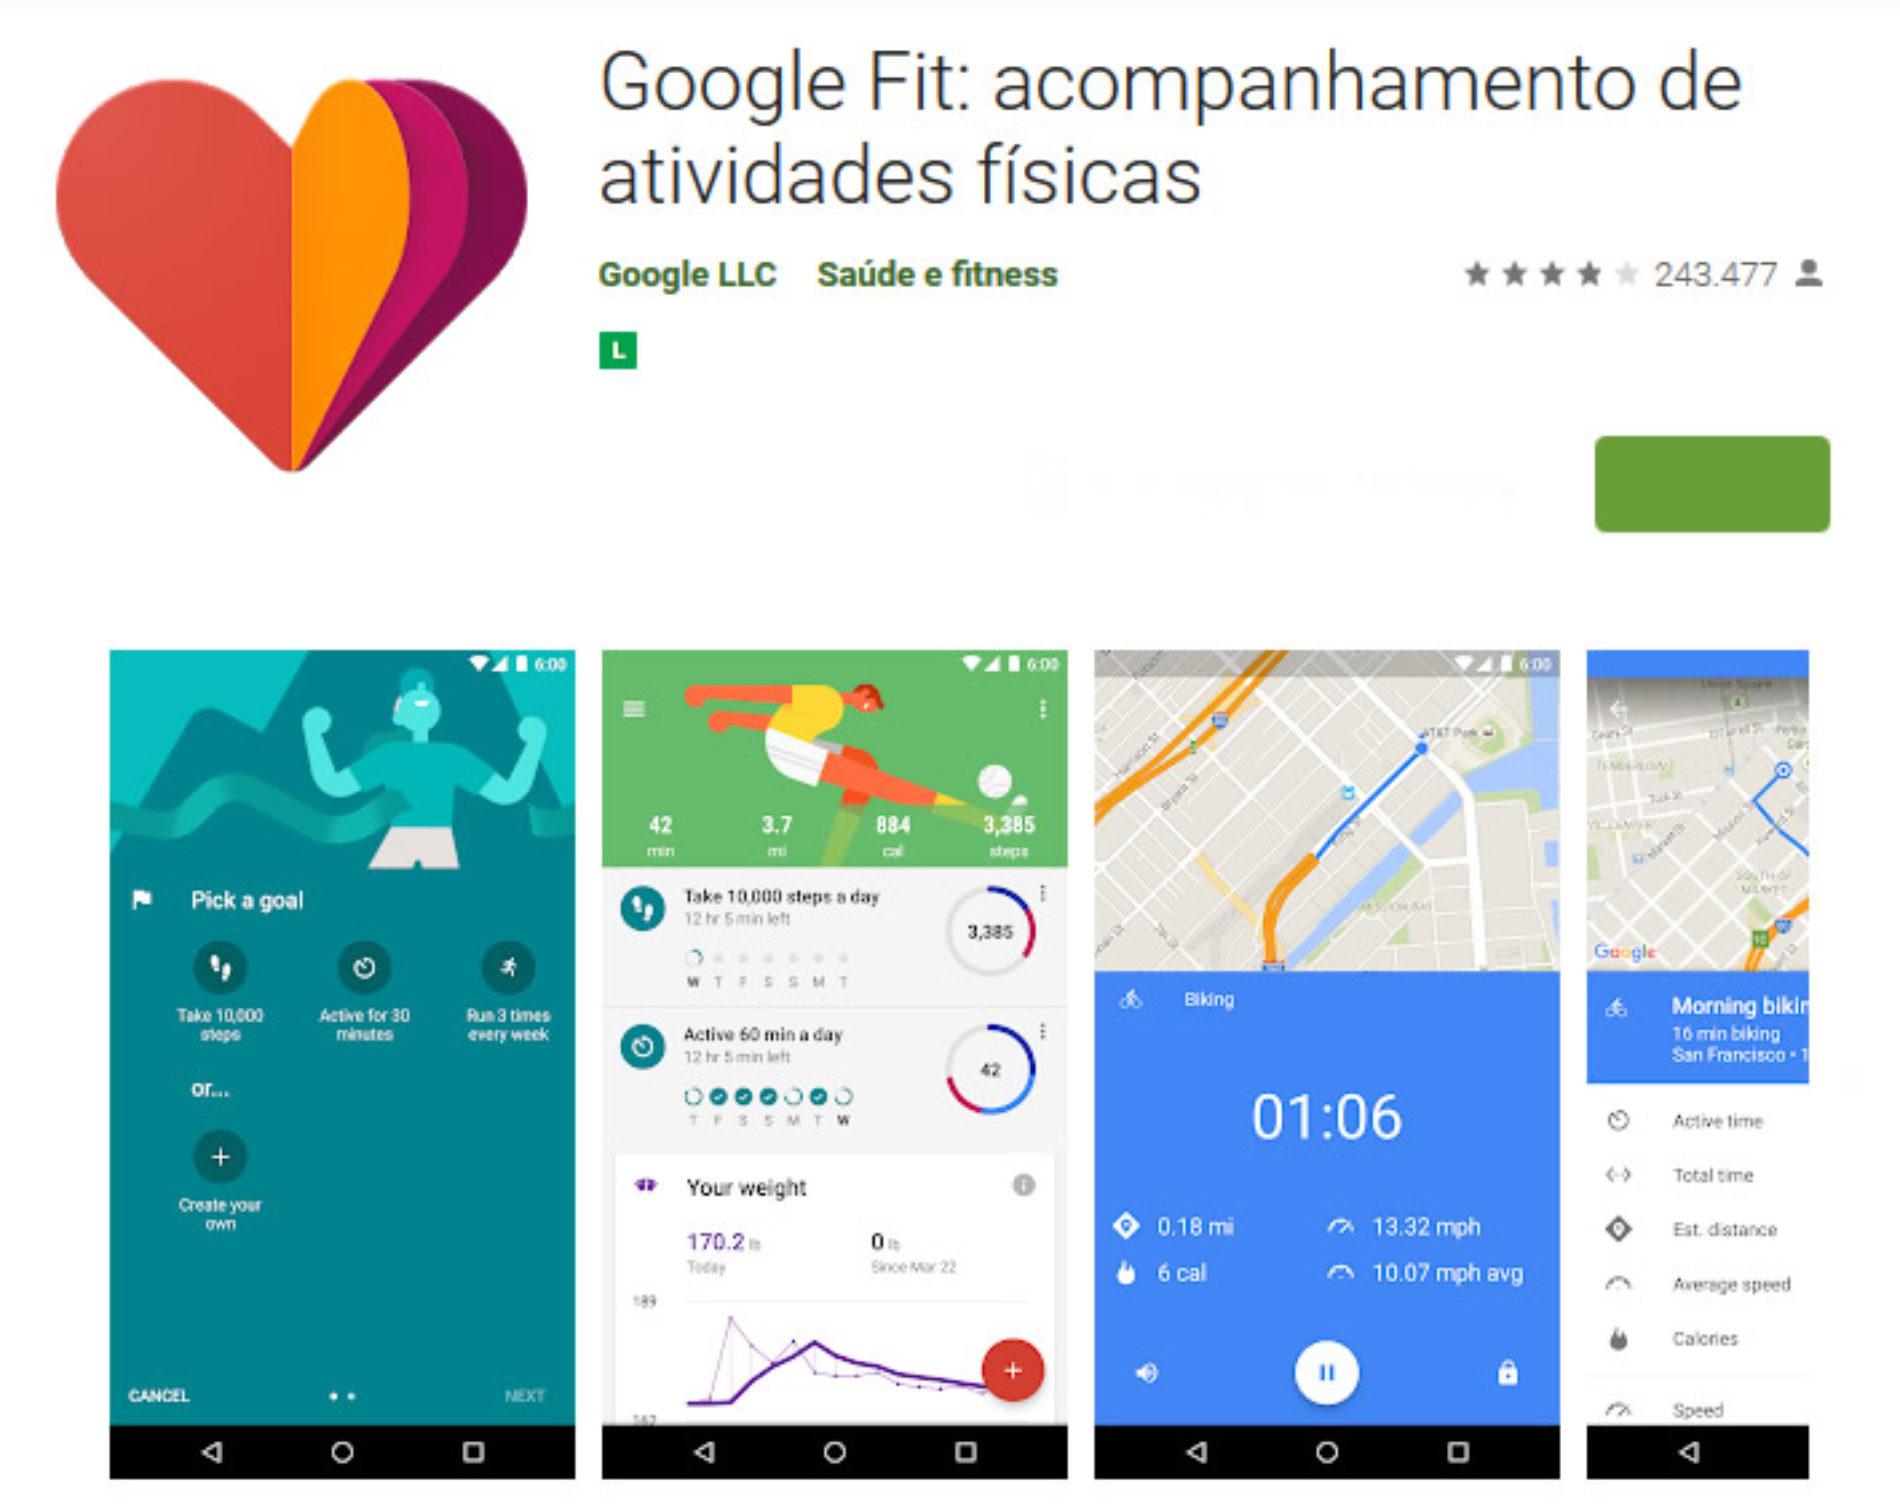 Google Fitness | Conheça o aplicativo de atividades físicas Google FIT